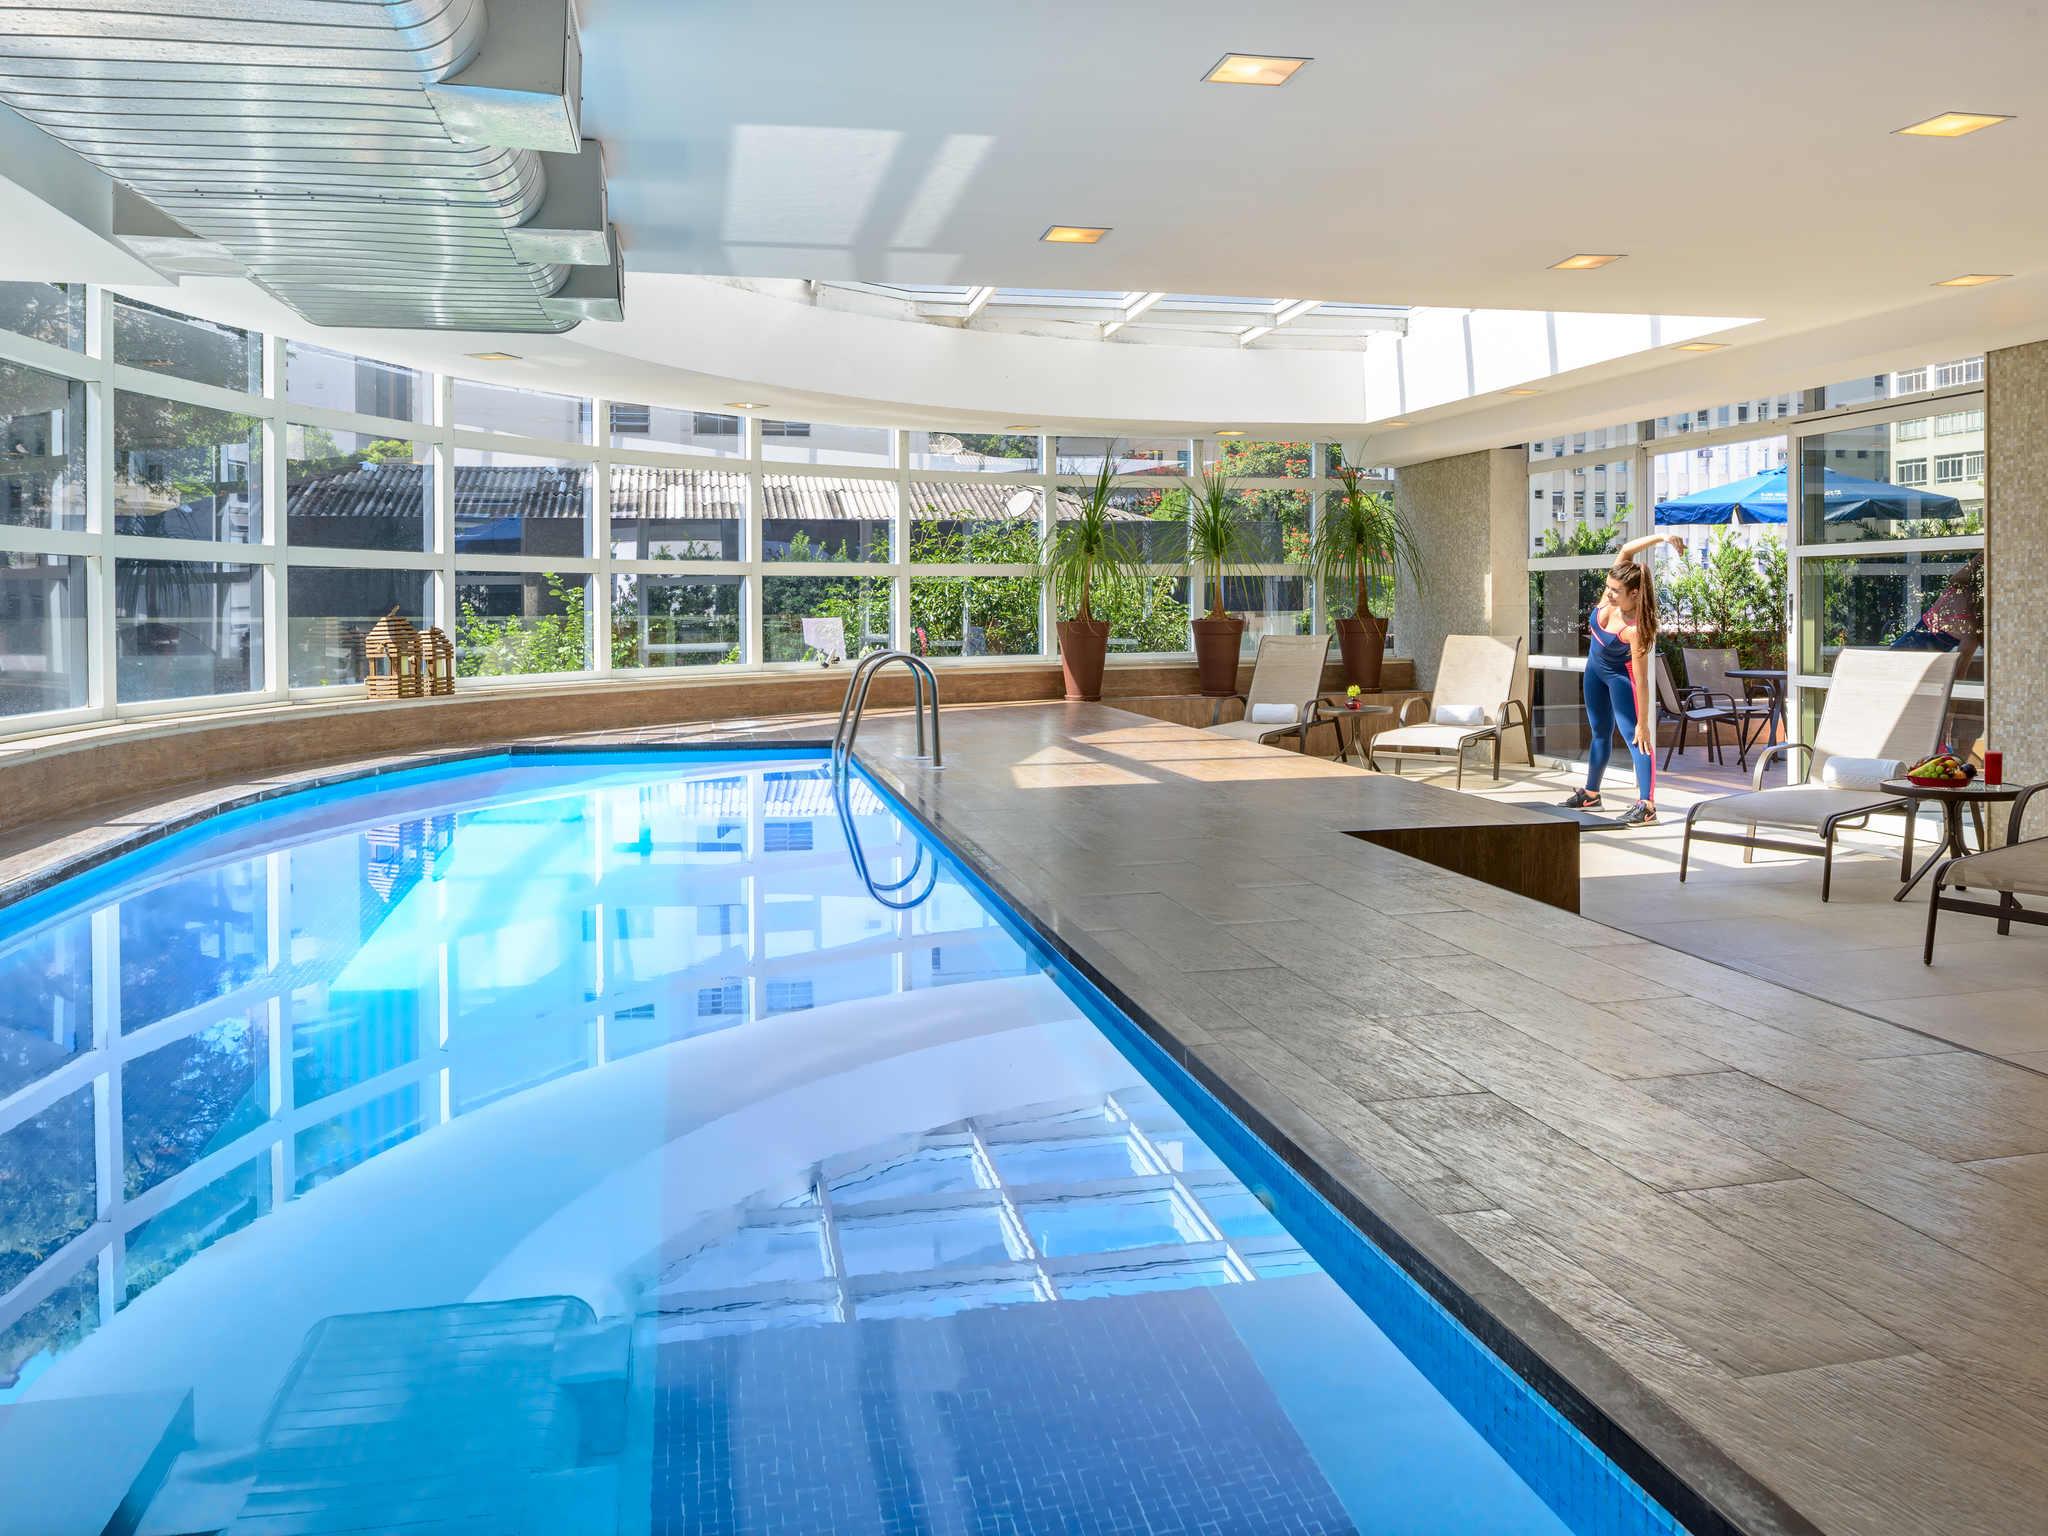 ホテル – メルキュール サンパウロ ジャルディンス ホテル